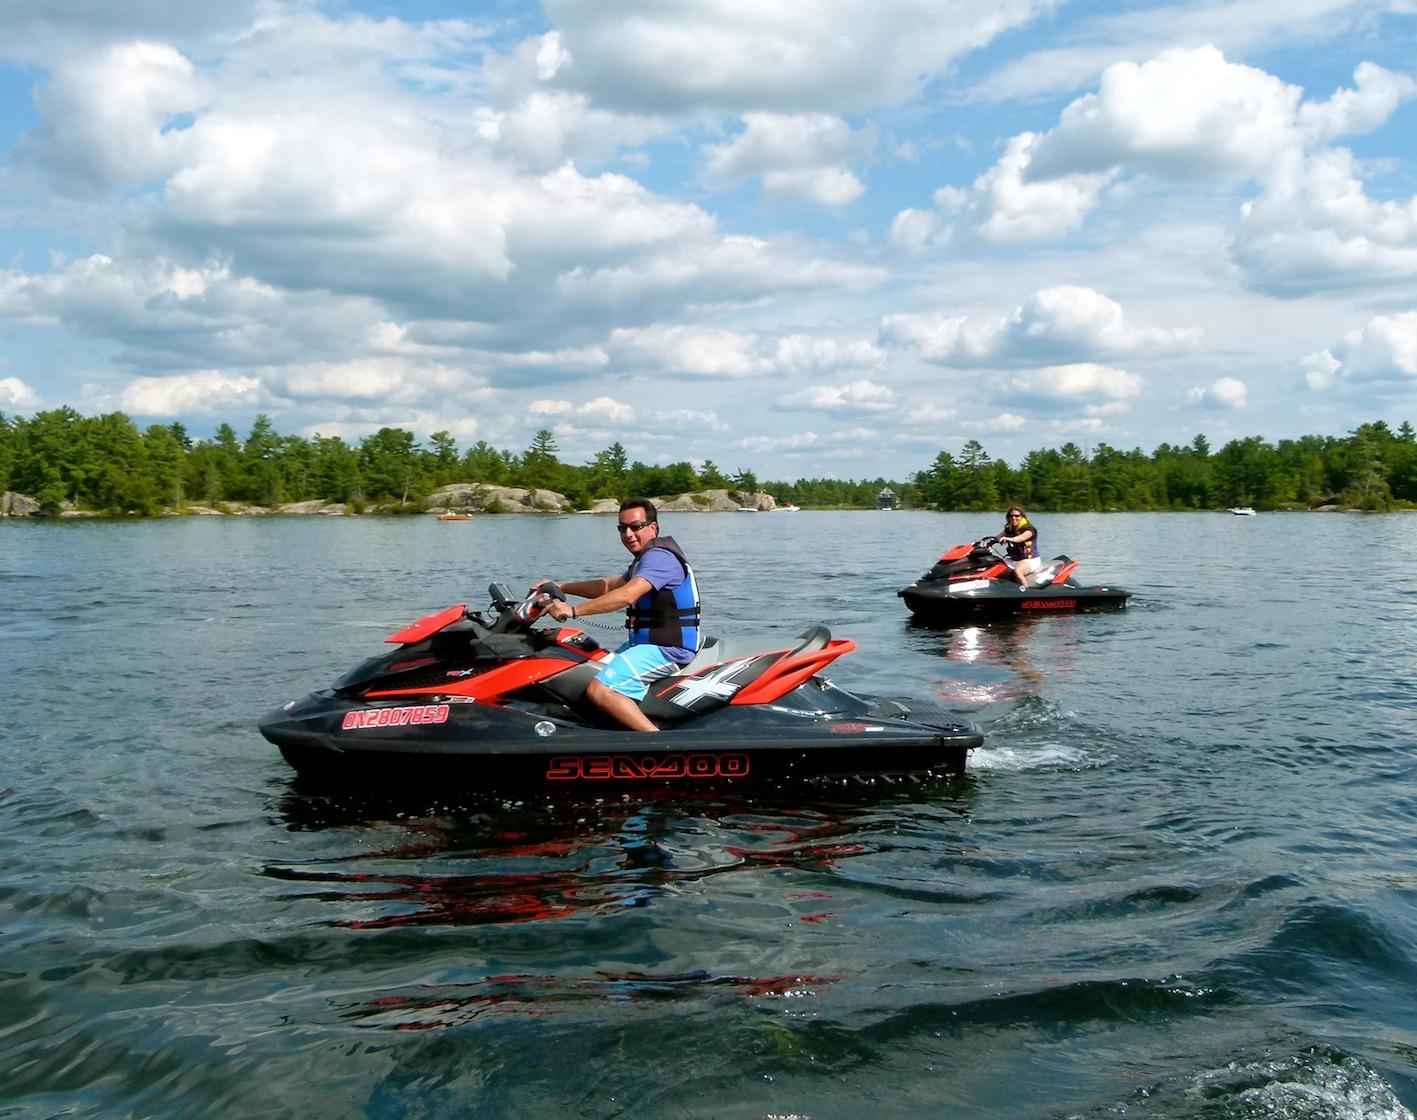 Floating on Big Bald Lake, on our Kawartha Lakes Sea Doo tour